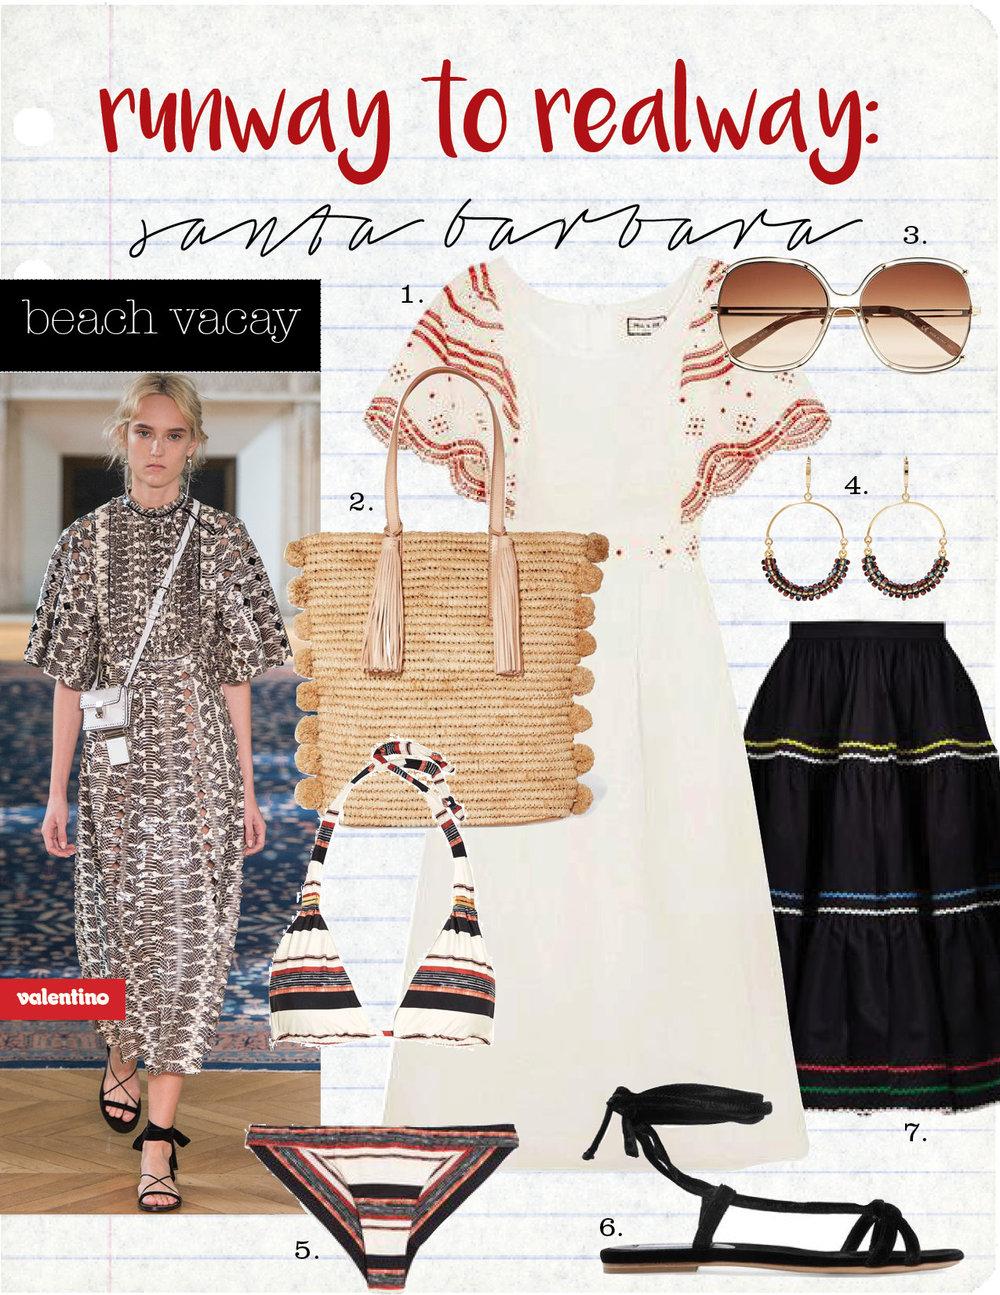 1. paul&joe broderie anglaise-trimmed cotton dress, $510,  net-a-porter.com  2. loeffler randall cruise pompom-embellished woven raffia tote, $350,  net-a-porter.com  3. chloe isadora gold-tone square-frame sunglasses, $450,  net-a-porter.com  4. isabel marant gold-tone beaded hoop earrings, $165,  net-a-porter.com  5. vix thai striped triangle bikini top, $100, bottom, $90,  net-a-porter.com  6. gabriela hearst velevt sandals, $595,  net-a-porter.com  7. anna october ric-rac trimmed cotton skirt, $525,  matchesfashion.com